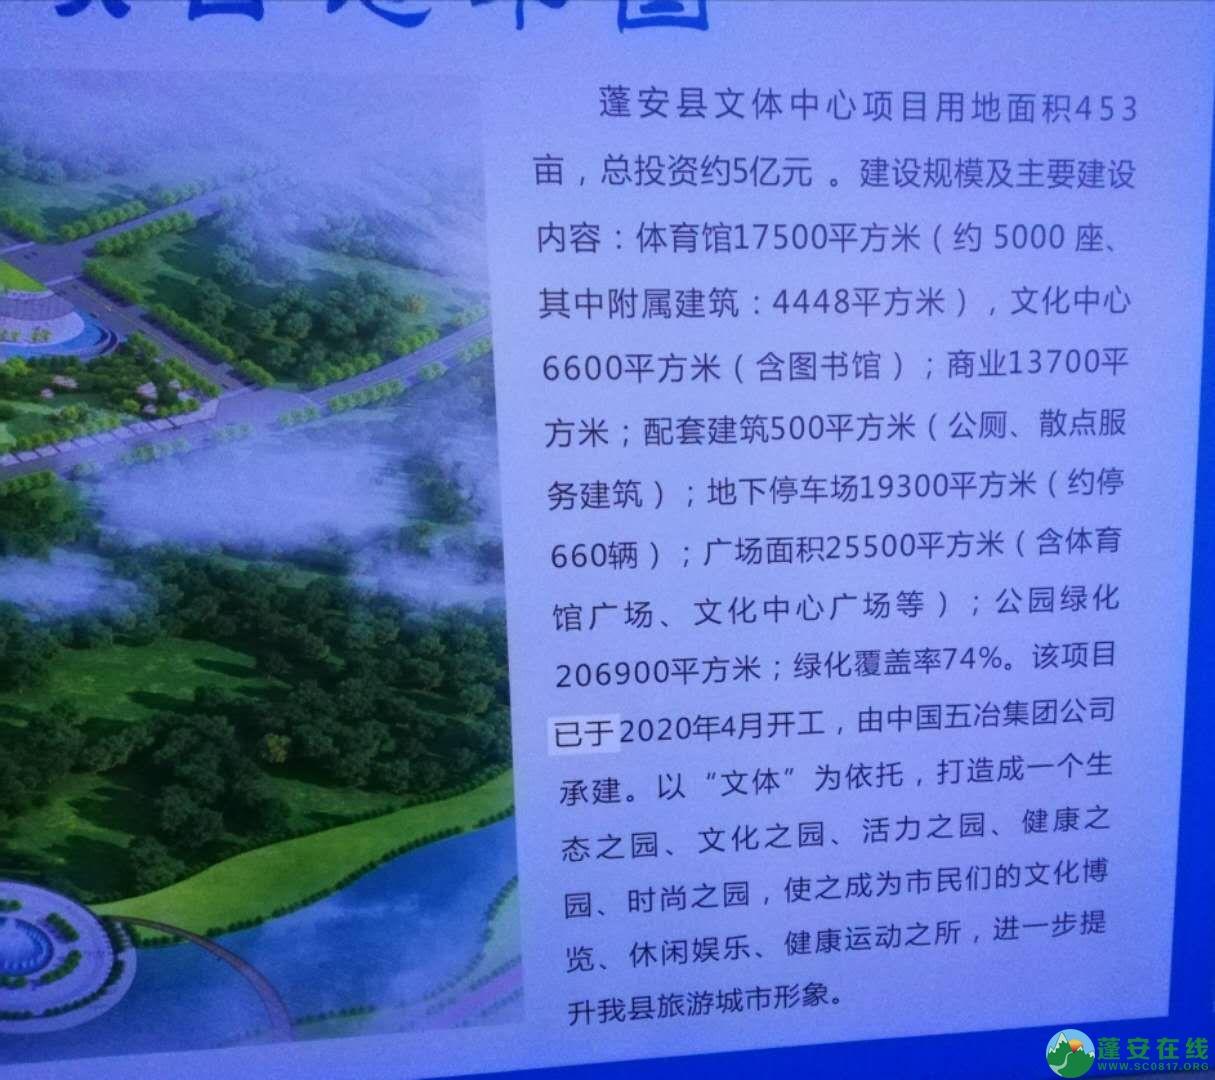 蓬安体育中心进展(2020.05.14) - 第5张  | 蓬安在线